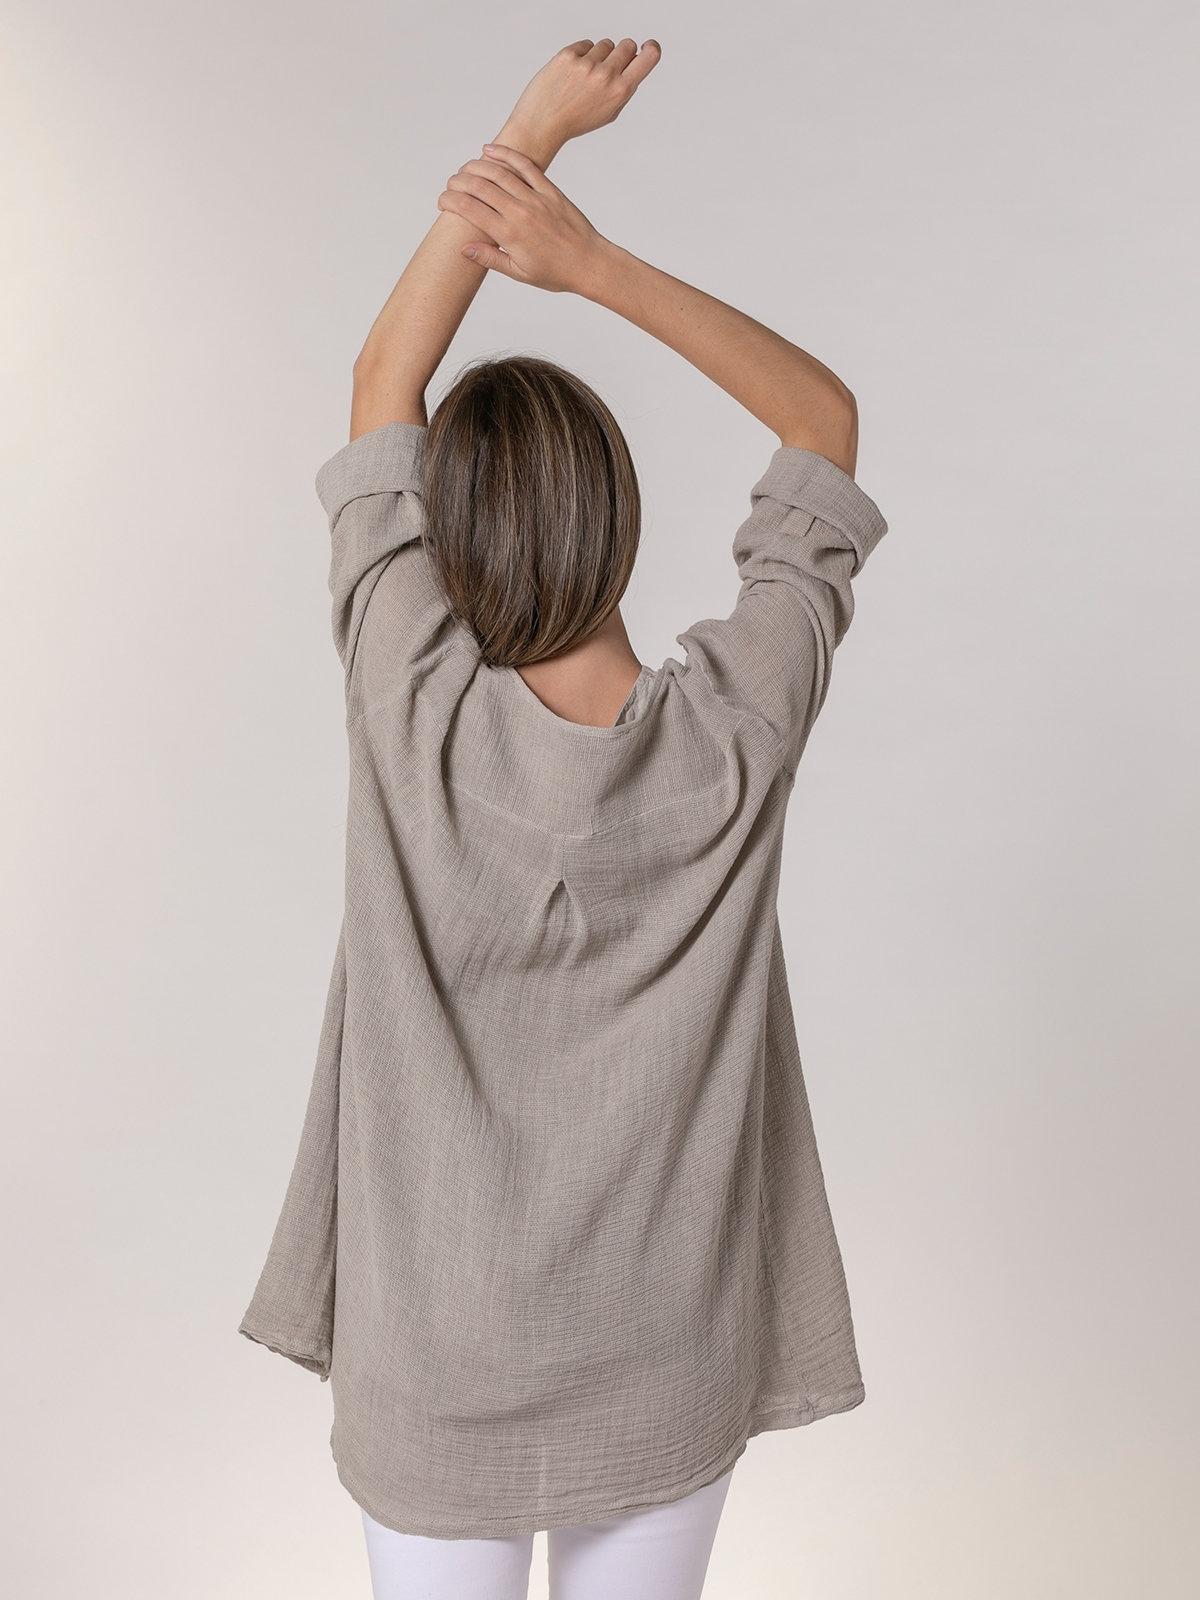 Chaqueta mujer oversize algodón lino Beige